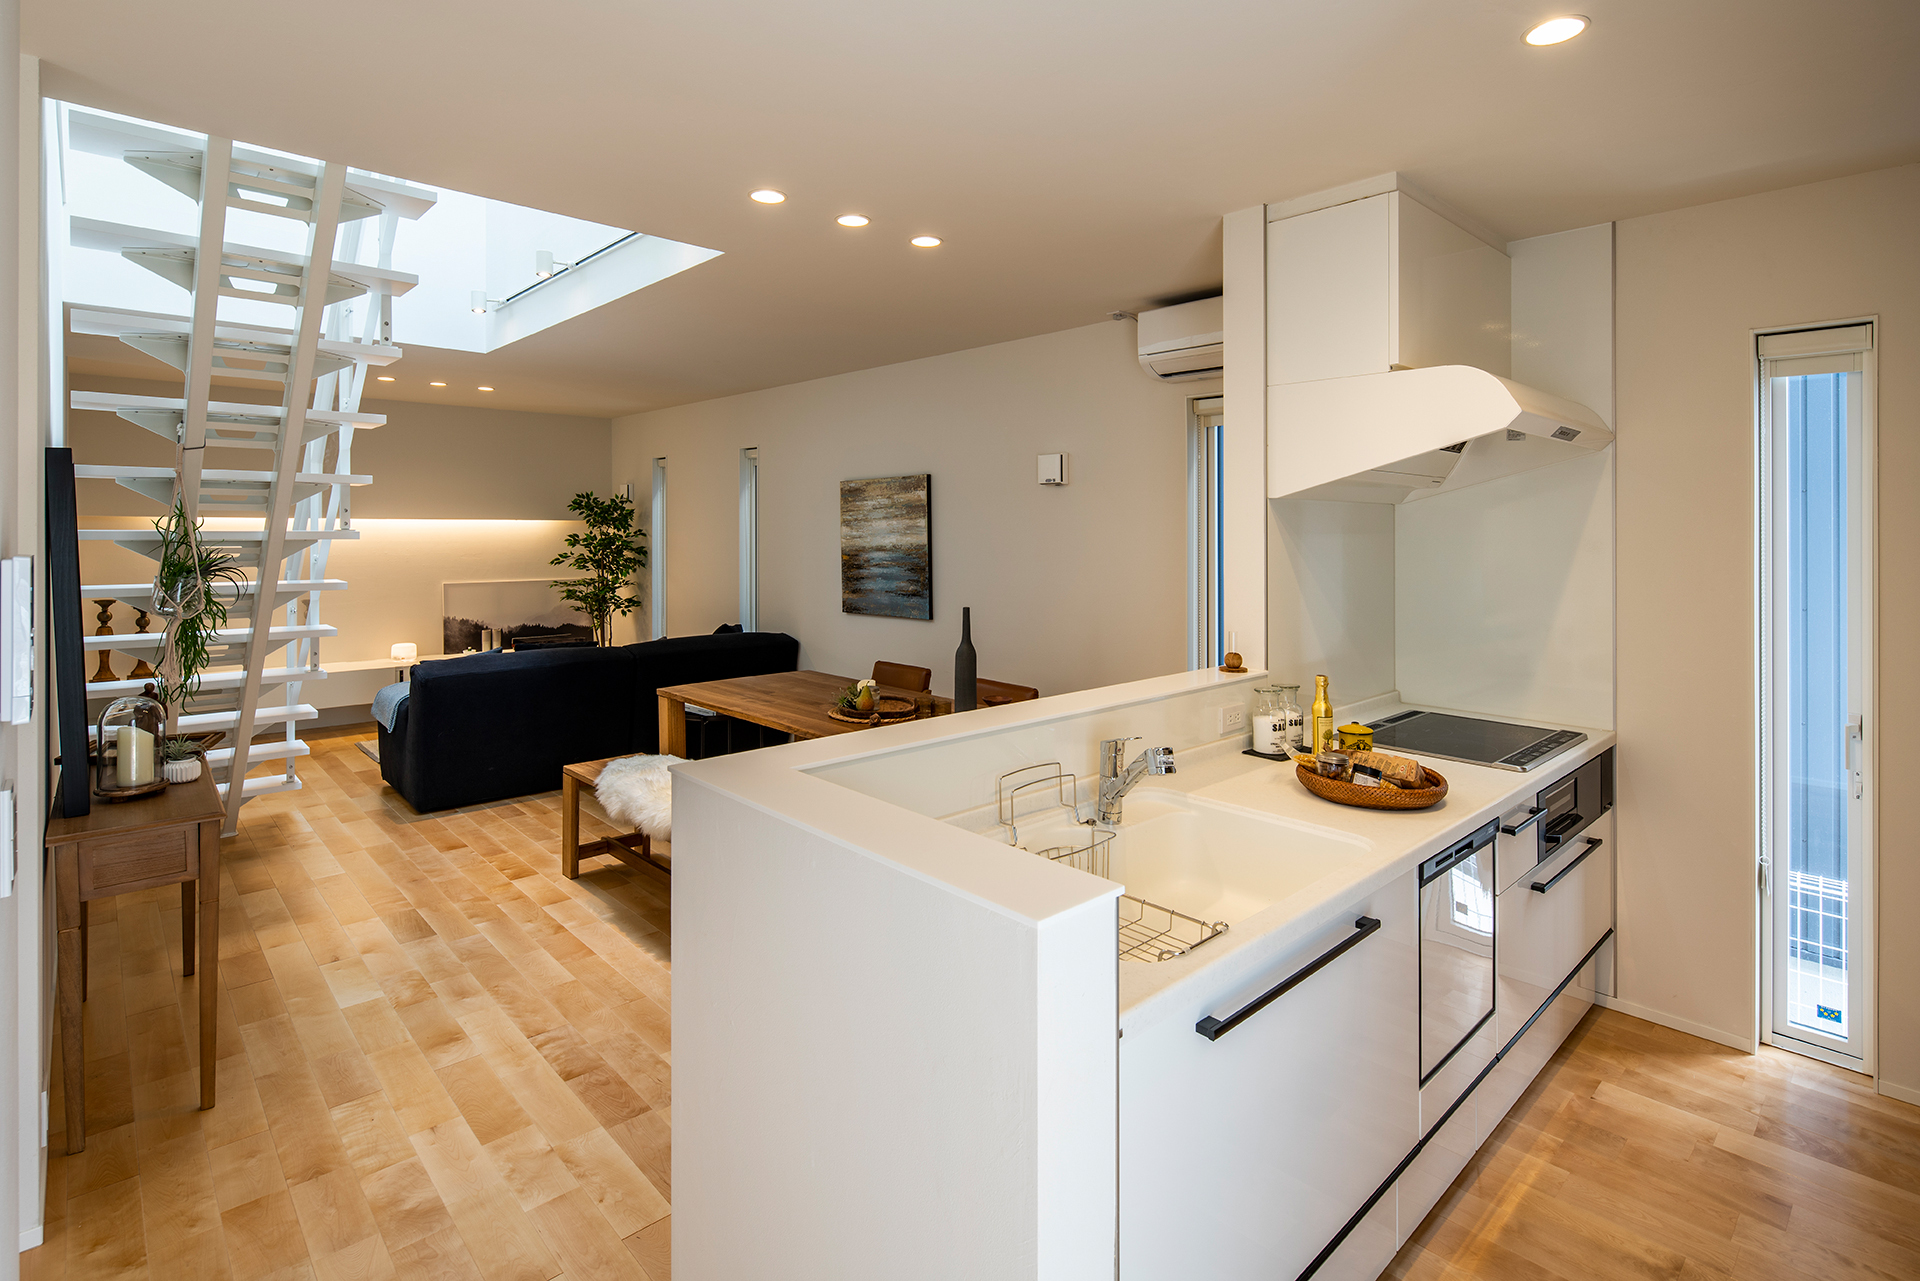 スタイルカーサ【デザイン住宅、間取り、インテリア】家族の様子を眺めながら料理できる位置にキッチンを配置。吹抜けを通して2階の気配がわかるので、子育てママも安心。肌触りのいい床は無垢のバーチ材で、時とともに飴色に変化していく